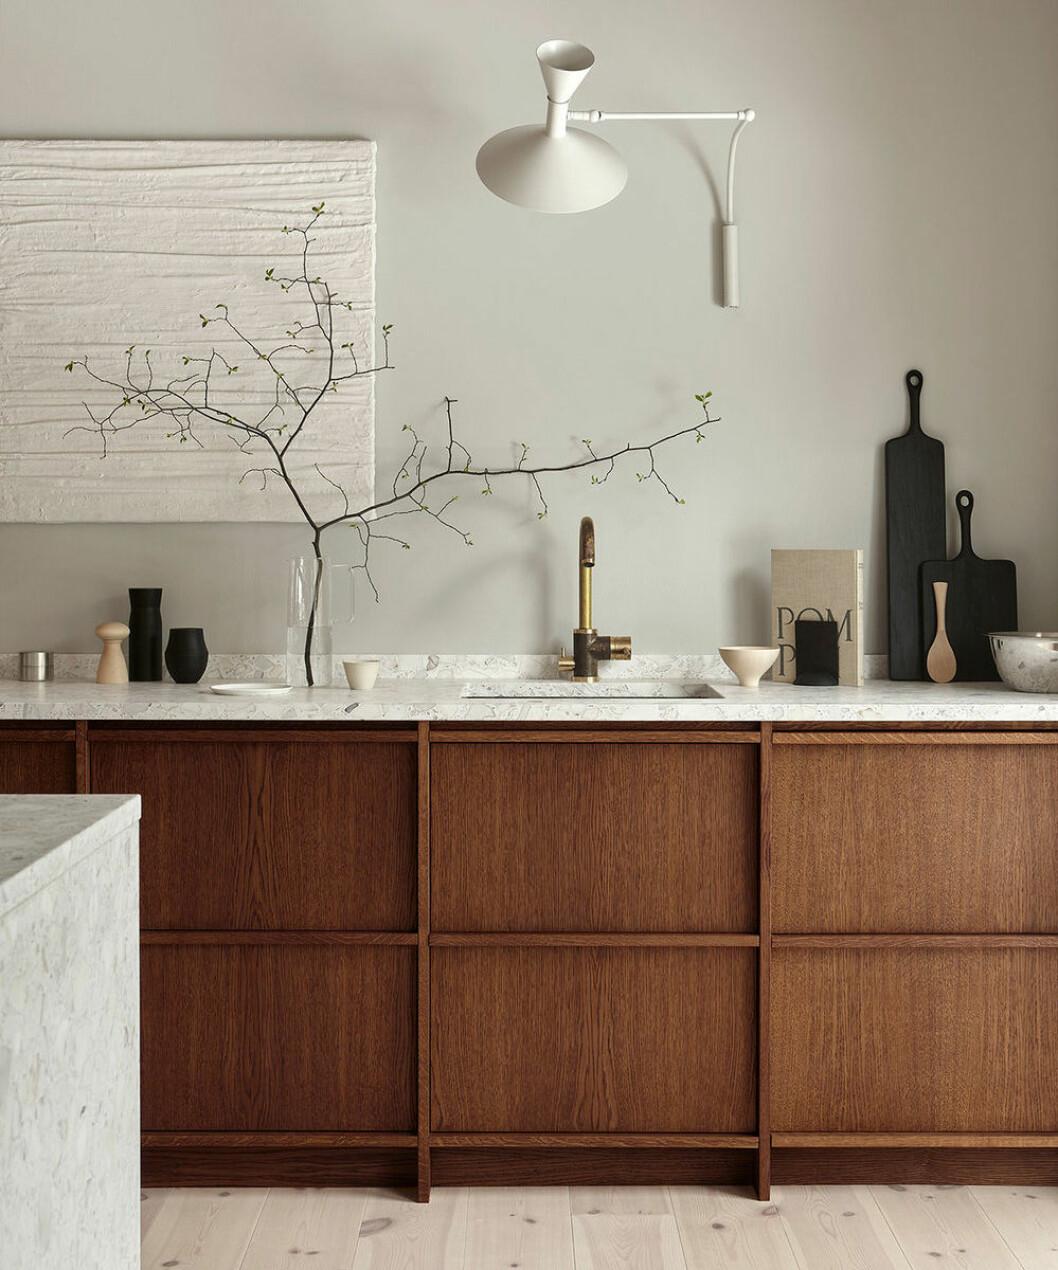 Träkök med fina detaljer från Nordiska Kök